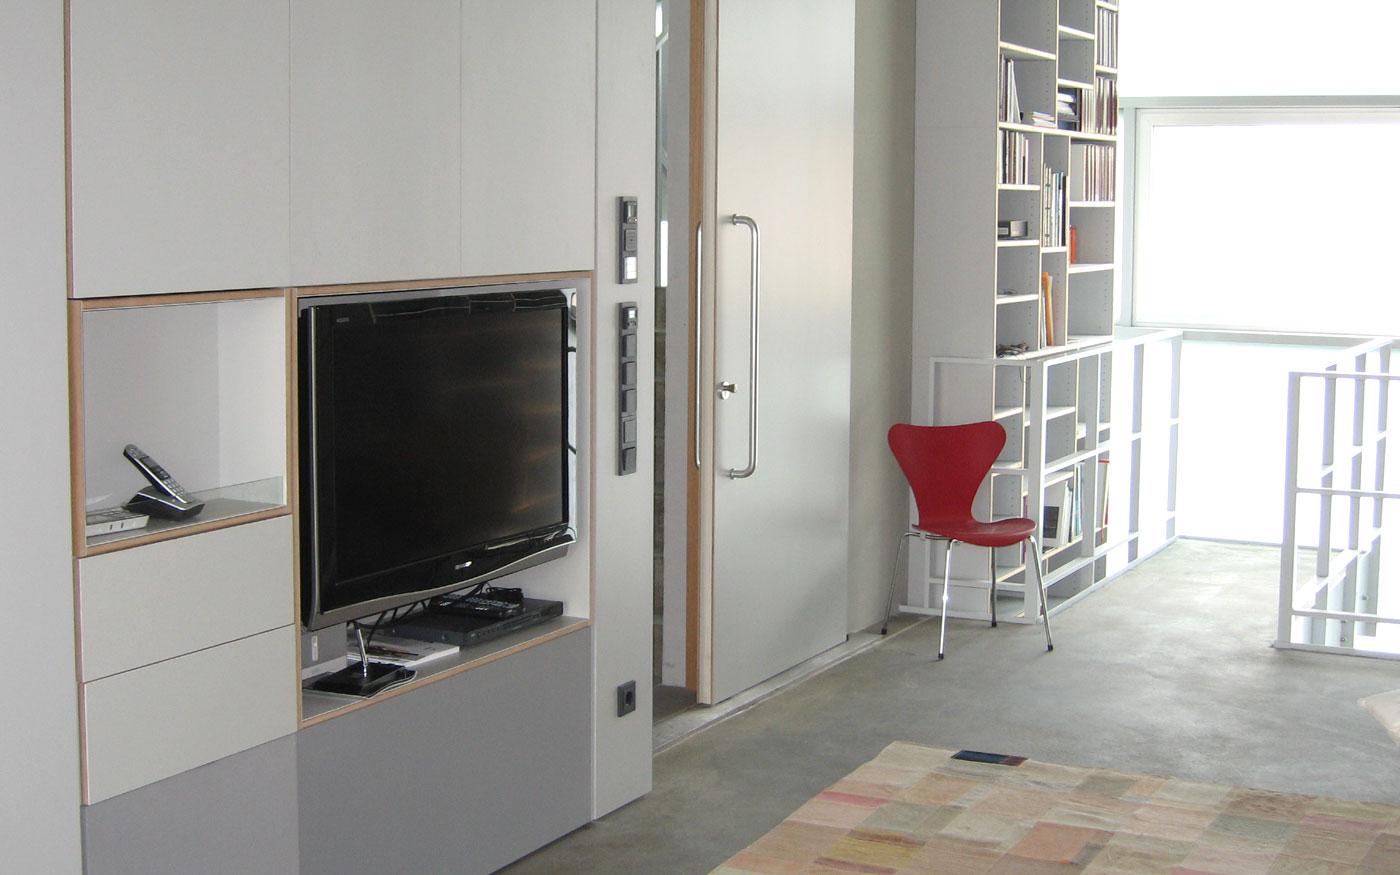 Modernes Wohnzimmer, Tischler-Arbeiten